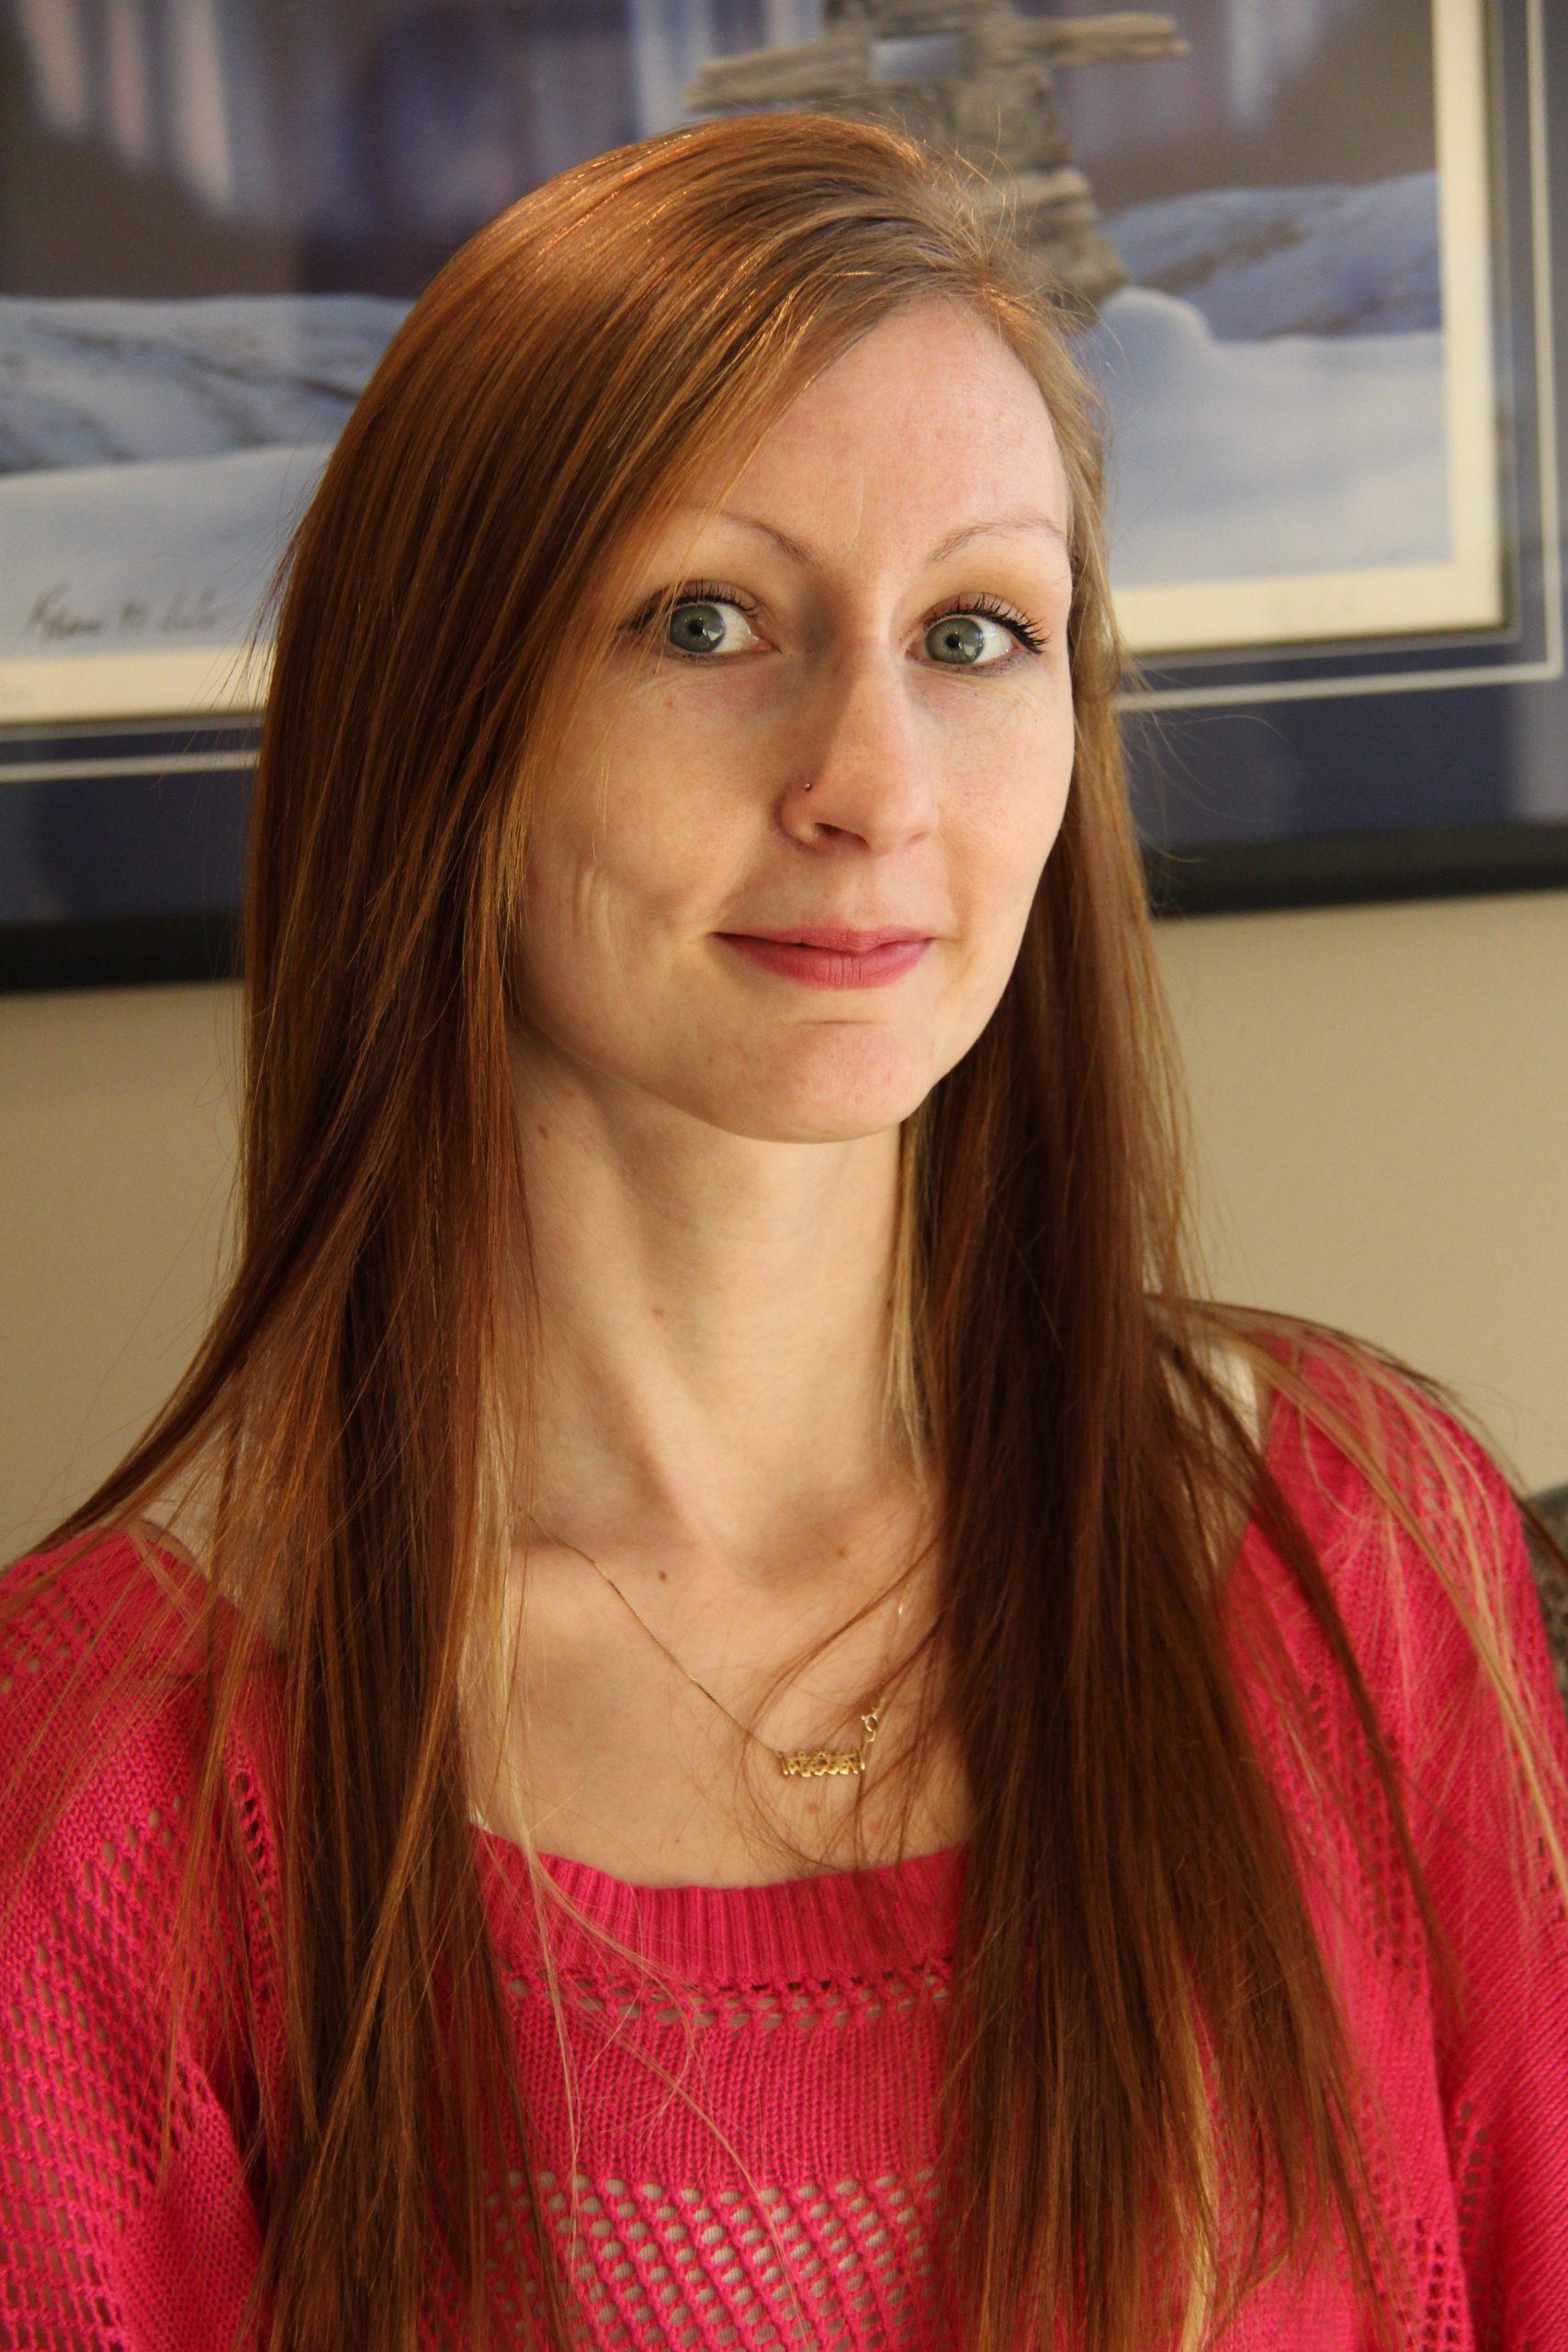 Denise Spence